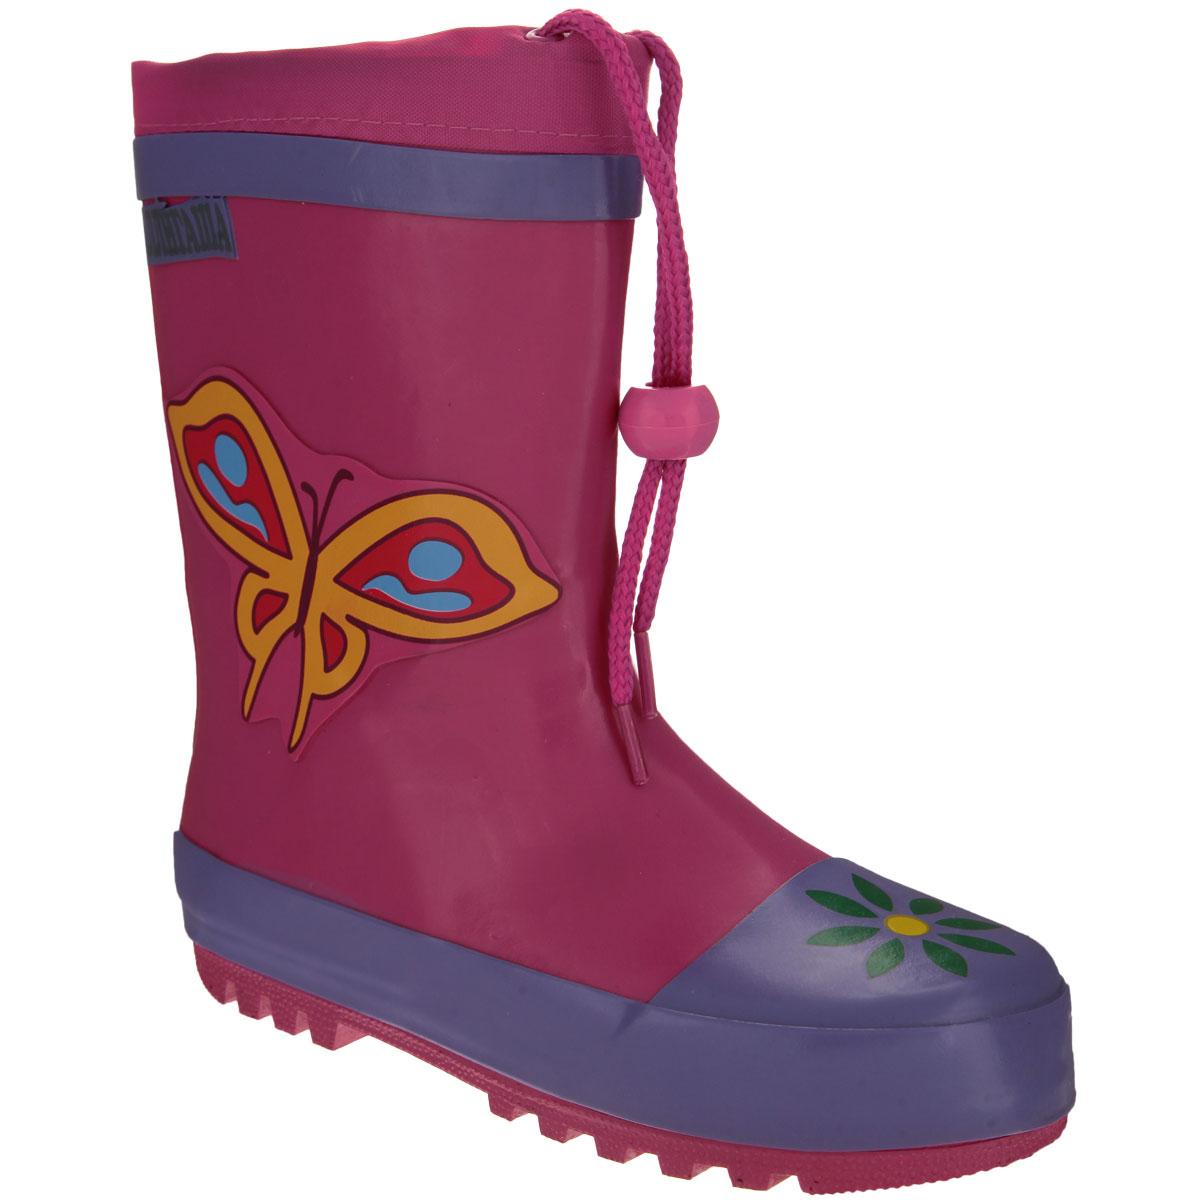 Сапоги резиновые для девочки Аллигаша, цвет: розовый, сиреневый. 13-303. Размер 2813-303Резиновые сапожки для девочки Аллигаша - идеальная обувь в дождливую погоду. Сапоги выполнены из качественной резины и оформлены аппликацией в виде бабочки, а также логотипом бренда. Подкладка, выполненная из текстиля, подарит ощущение комфорта вашему ребенку. Главным преимуществом резиновых сапожек является наличие съемного текстильного носочка, что позволяет носить сапожки не только дождливым летом, но и сыройпрохладной осенью. Текстильный верх голенища регулируется в объеме за счет шнурка со стоппером.Резиновые сапожки прекрасно защитят ножки вашего ребенка от промокания в дождливый день.